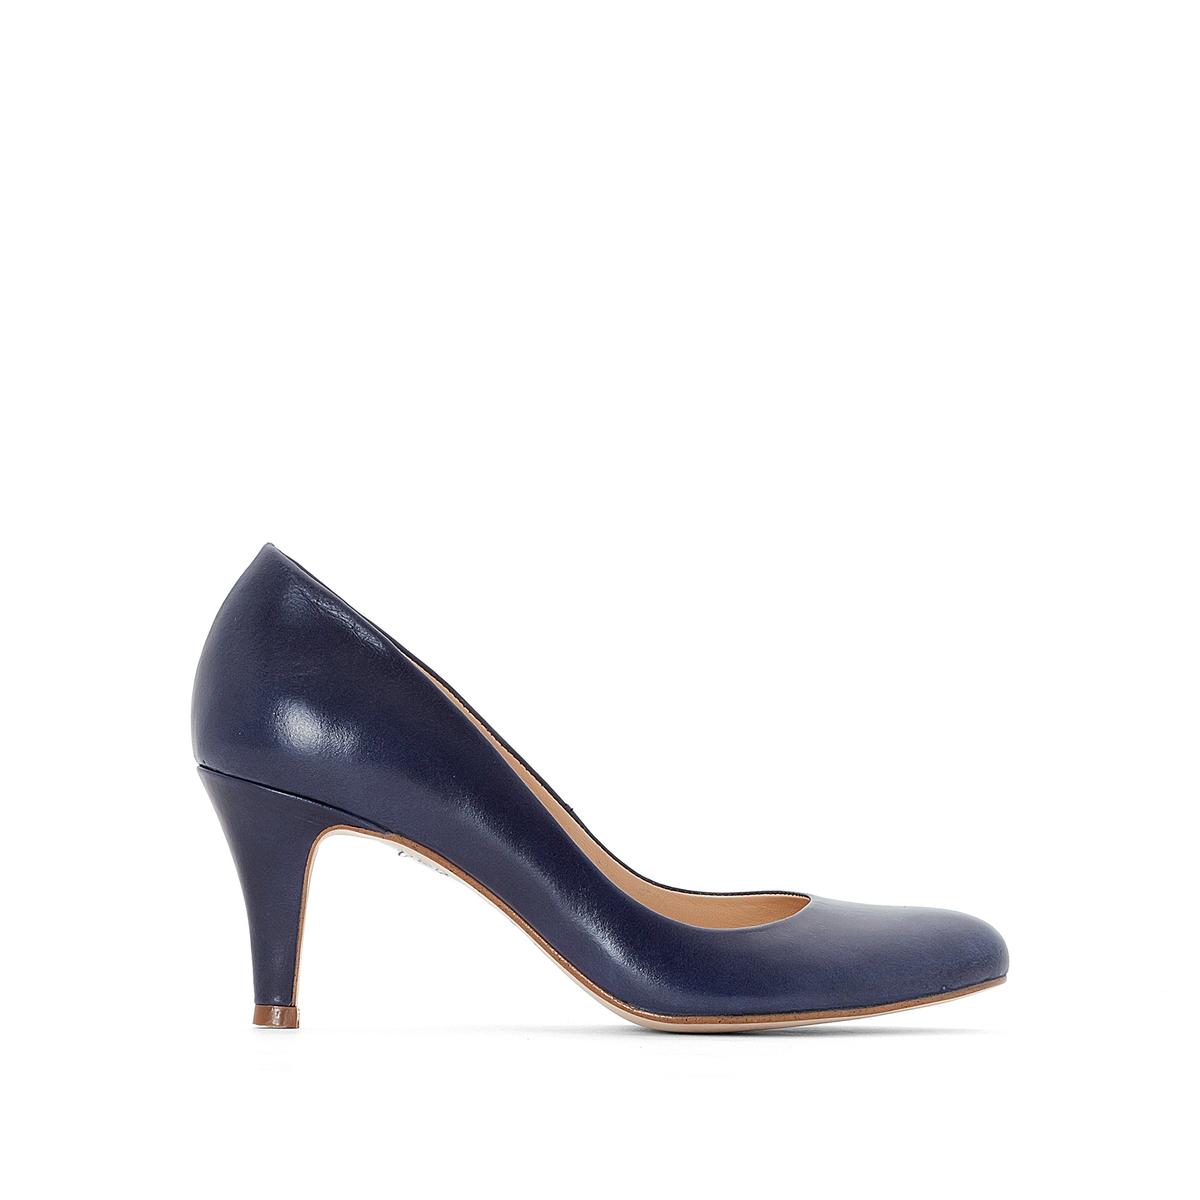 Туфли кожаные 10705Верх : Кожа   Подкладка : Кожа   Стелька : Кожа   Подошва : эластомер   Высота каблука : 5 см   Форма каблука : тонкий каблук   Мысок : закругленный   Застежка : без застежки<br><br>Цвет: серо-коричневый,синий морской<br>Размер: 36.39